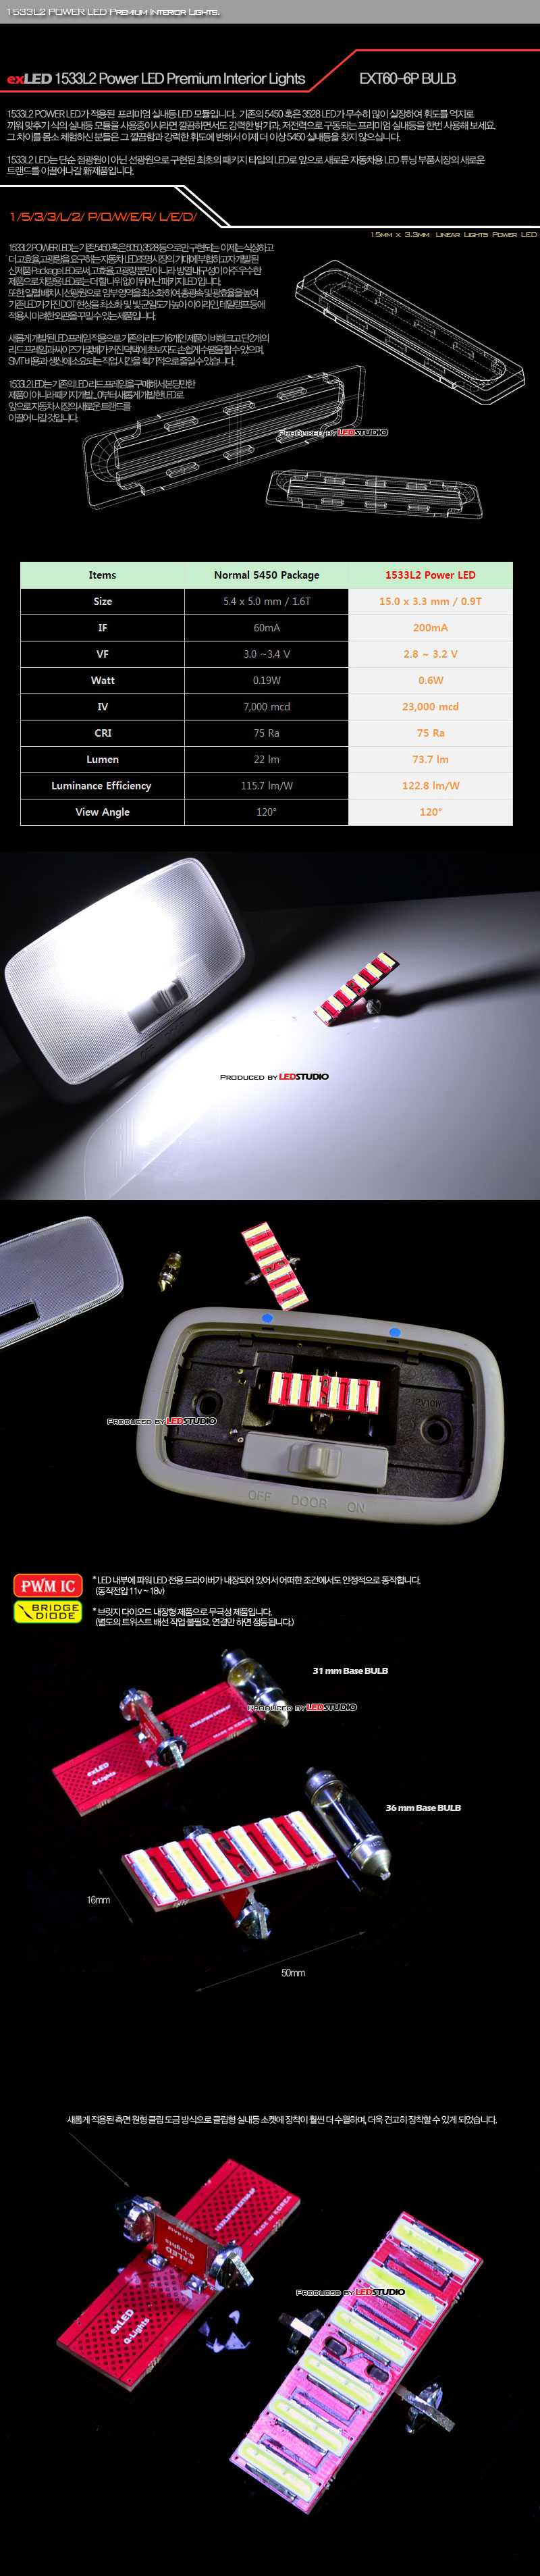 exLED 1533L2파워LED Q-LIGHTS 공용 벌브 확장형 31mm/36mm 6P (무저항 IC 내장형/무극성) (1개)